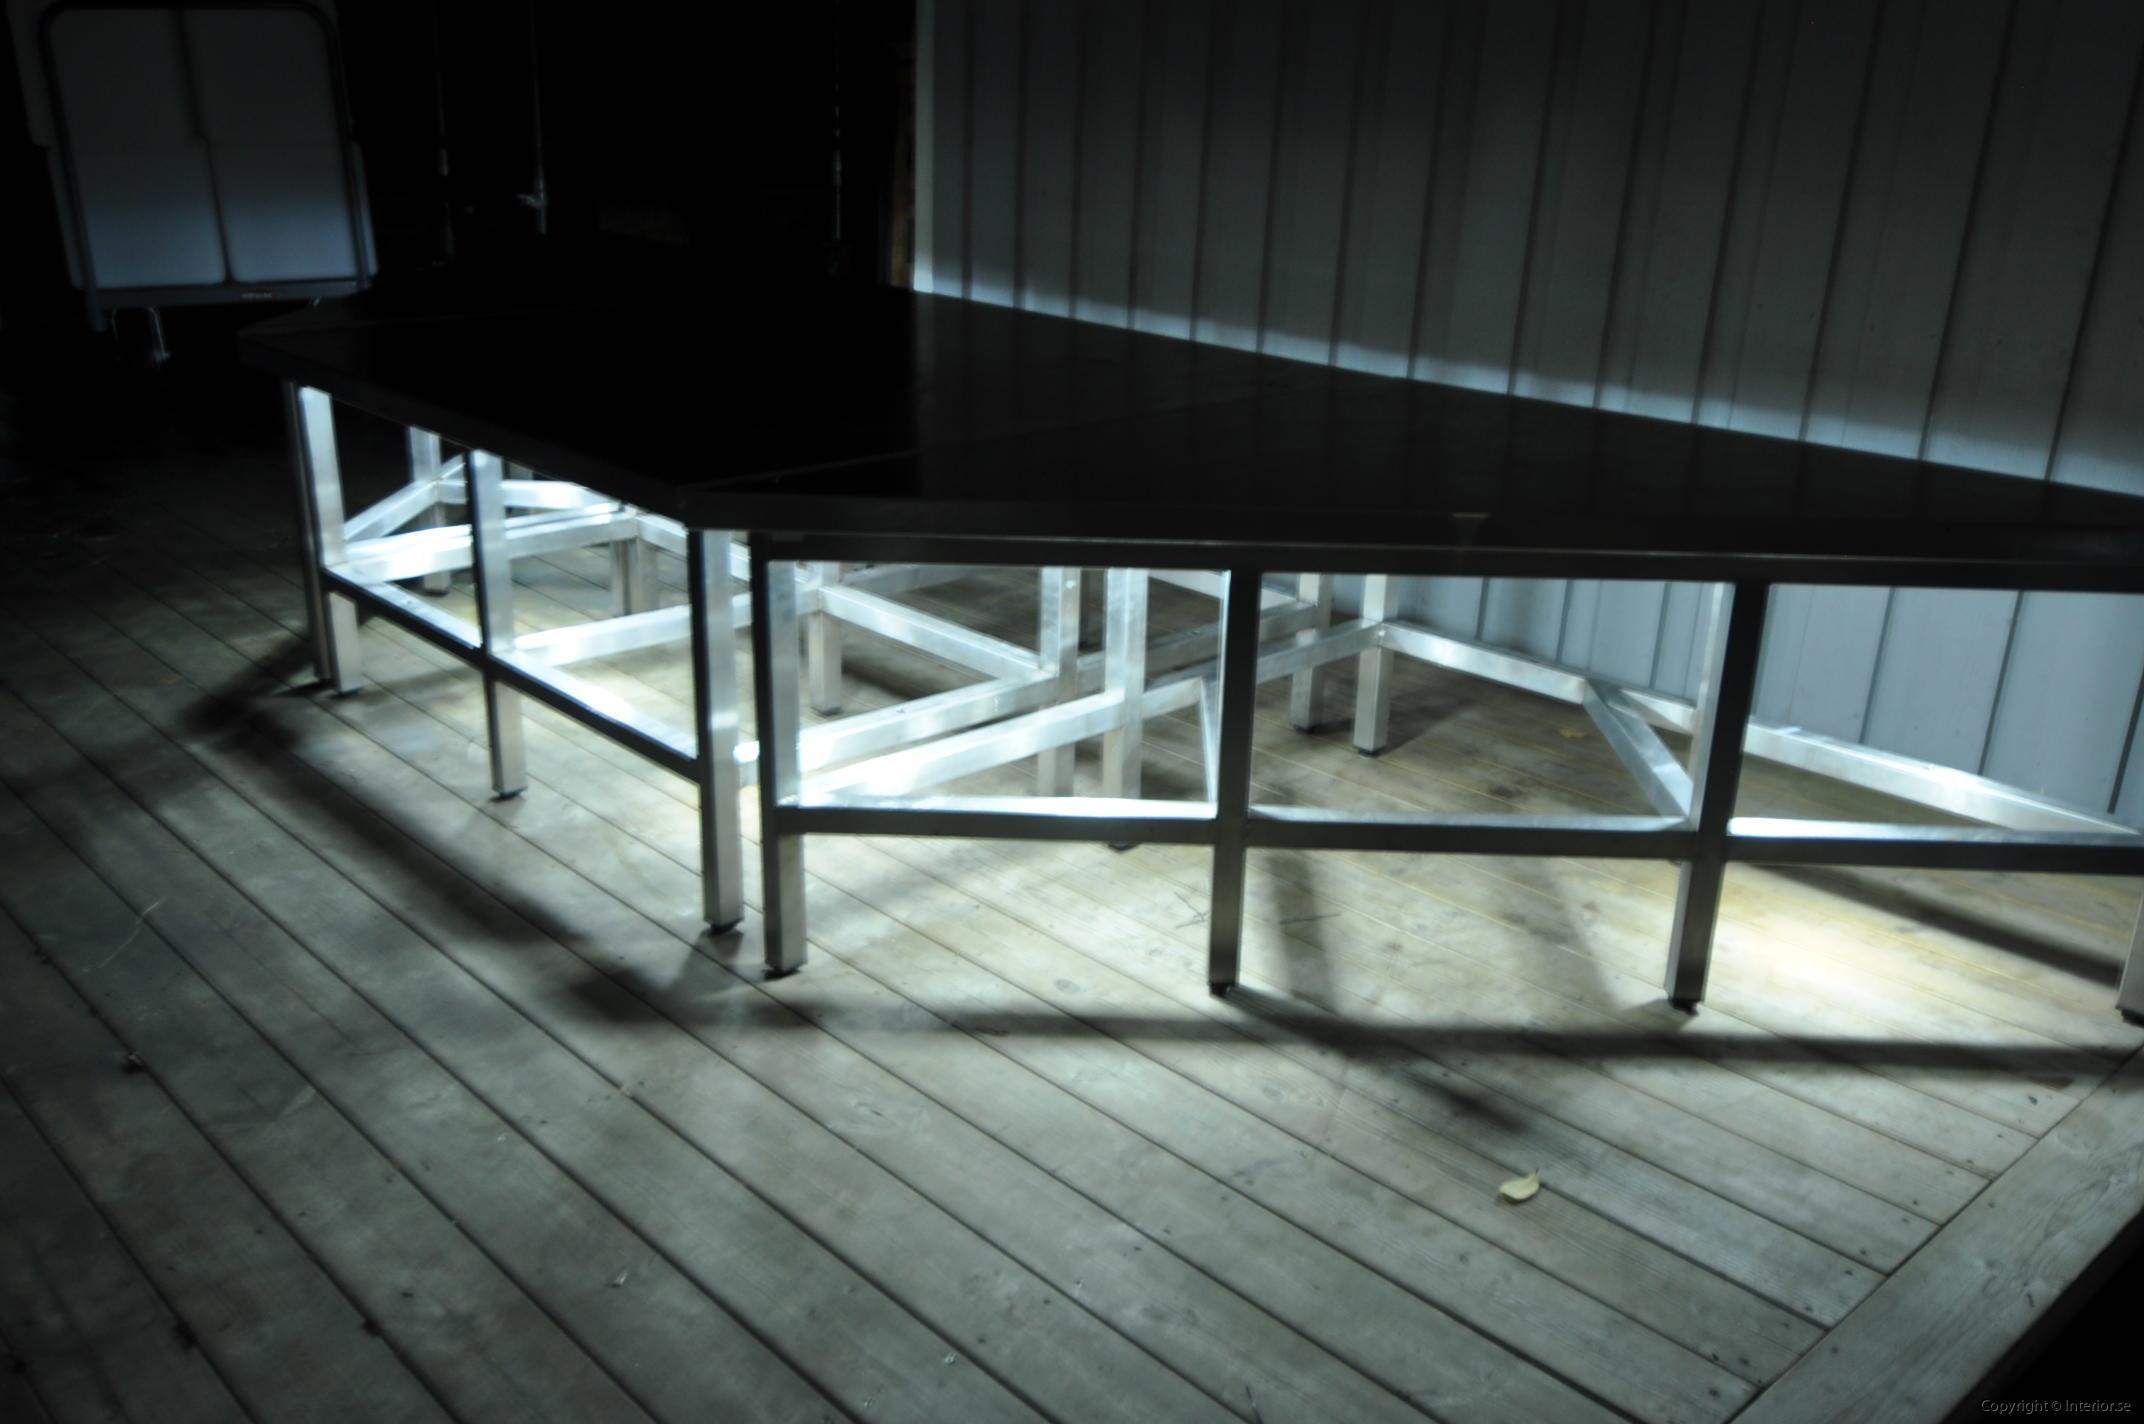 hyra scen podier podium rostfri dansscen hyr stockholm event möbler inredning (4)